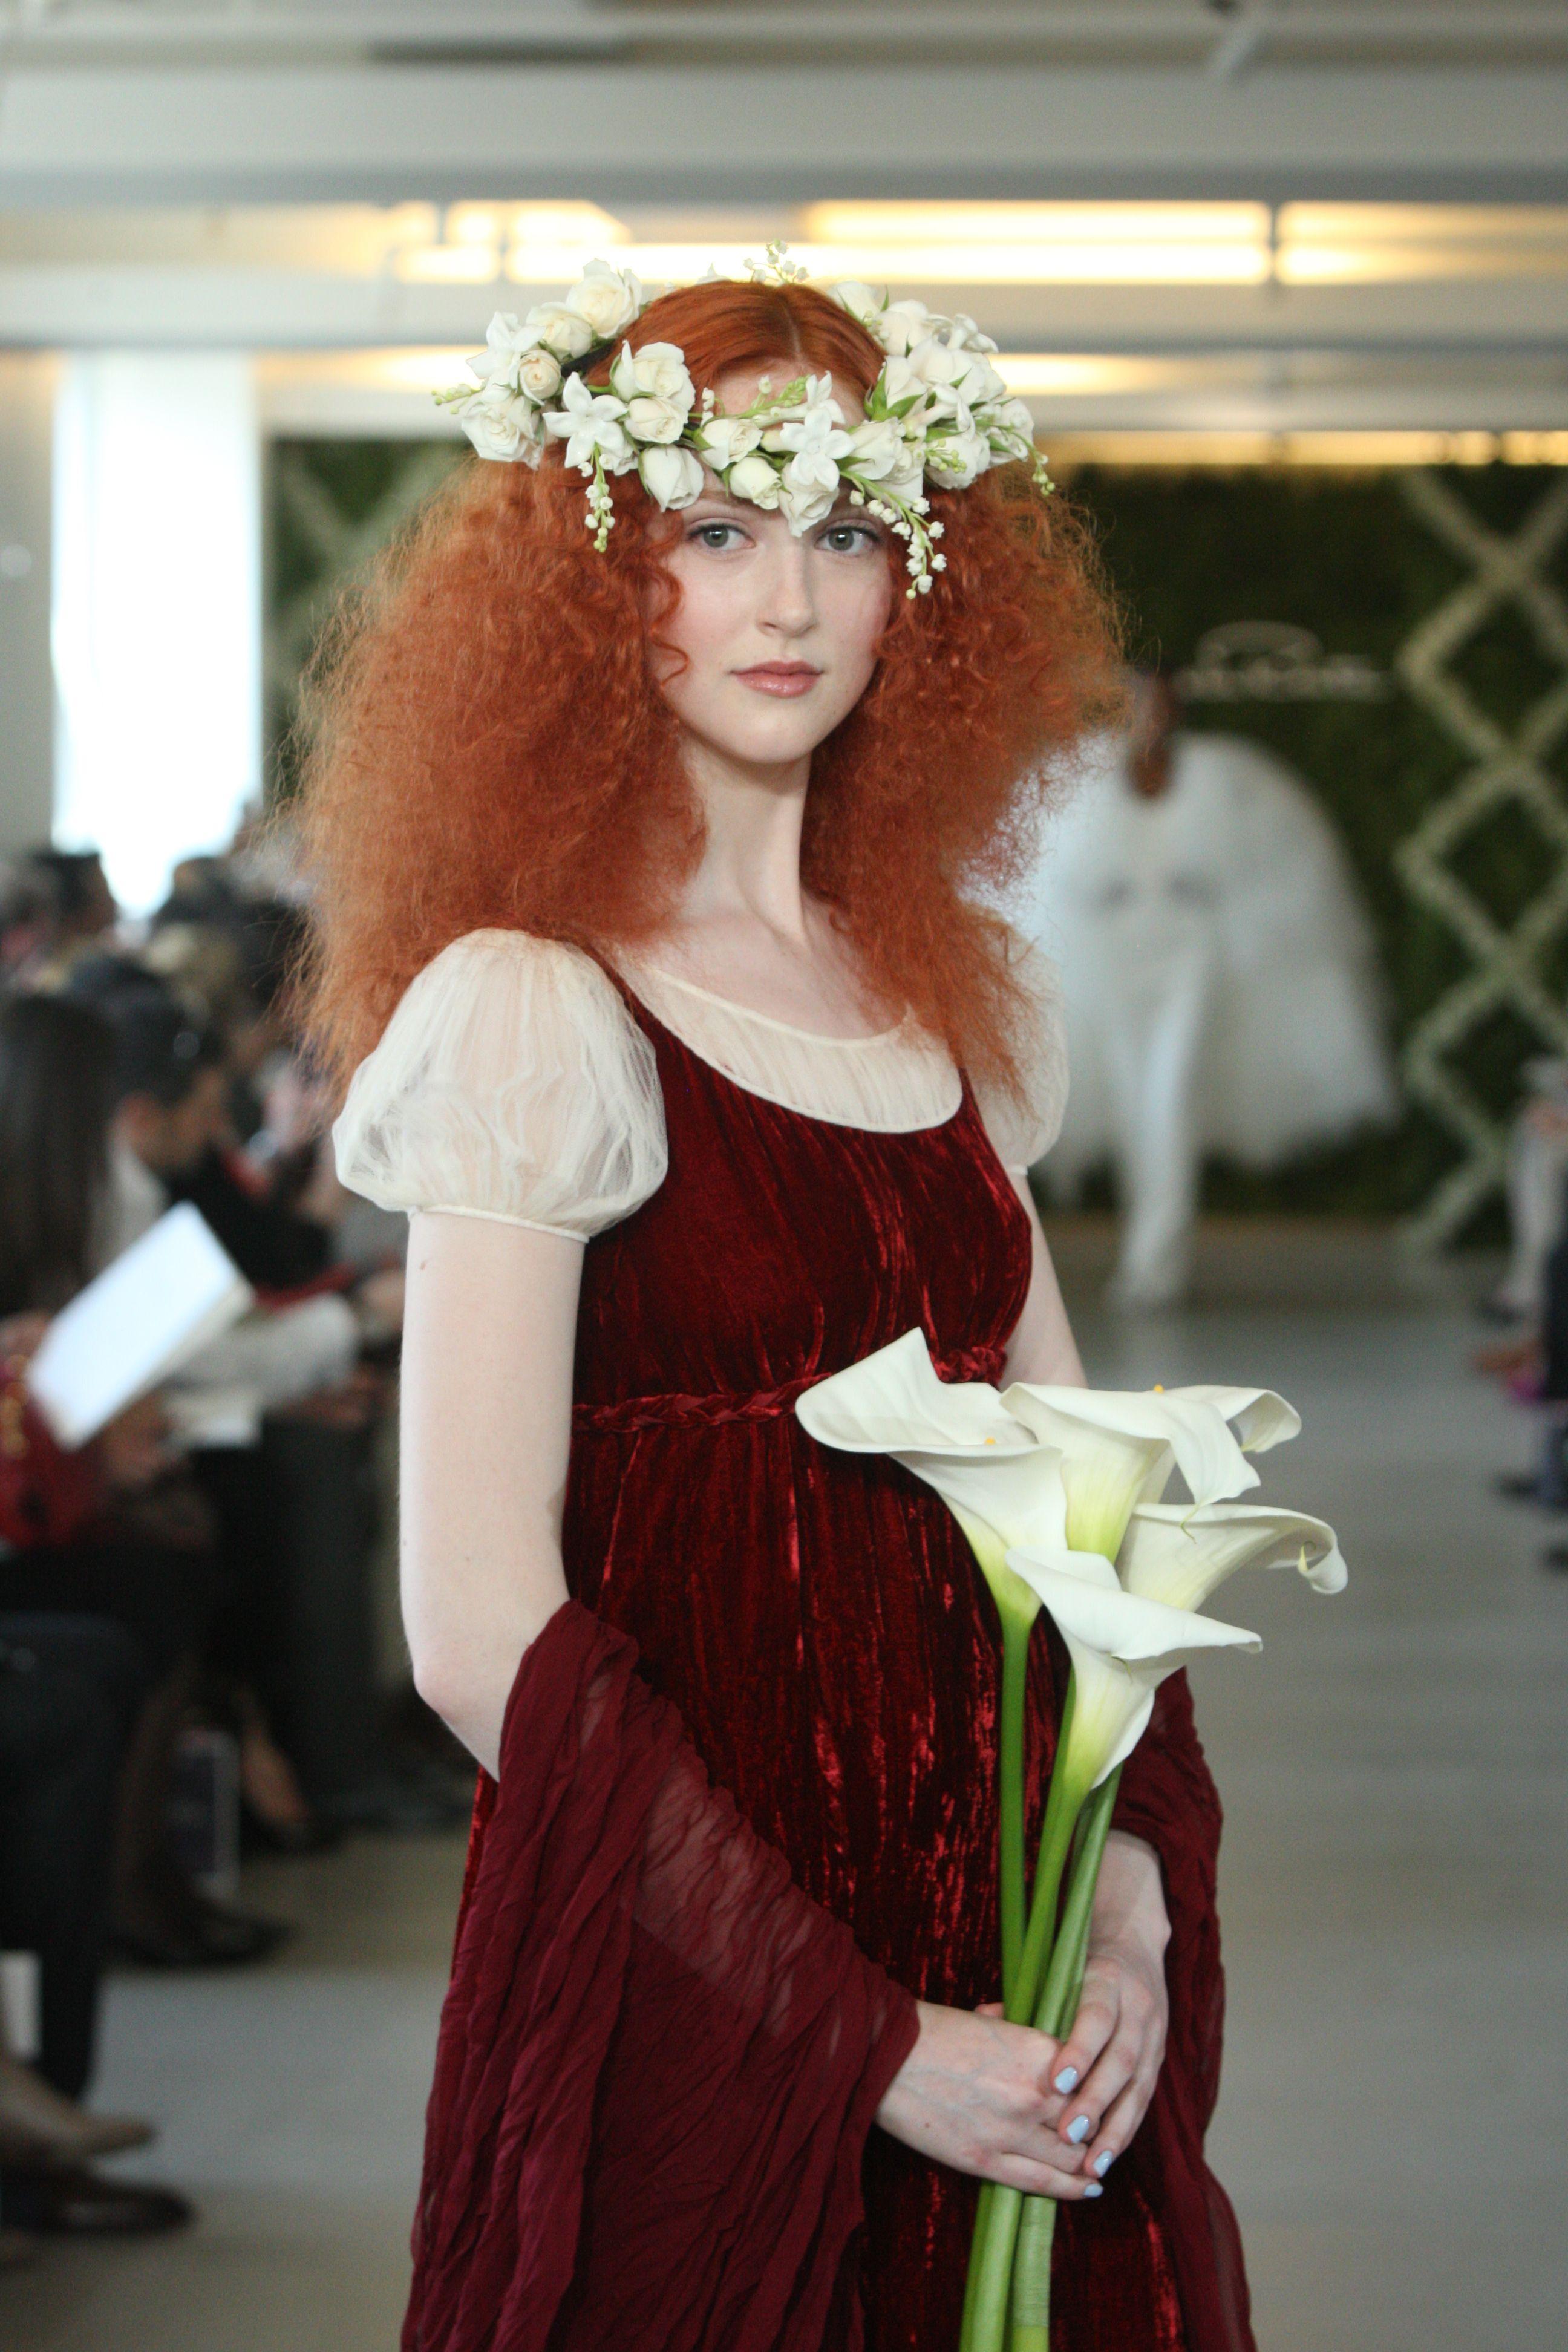 #Varin #OscardelaRenta #Fashion #Hair